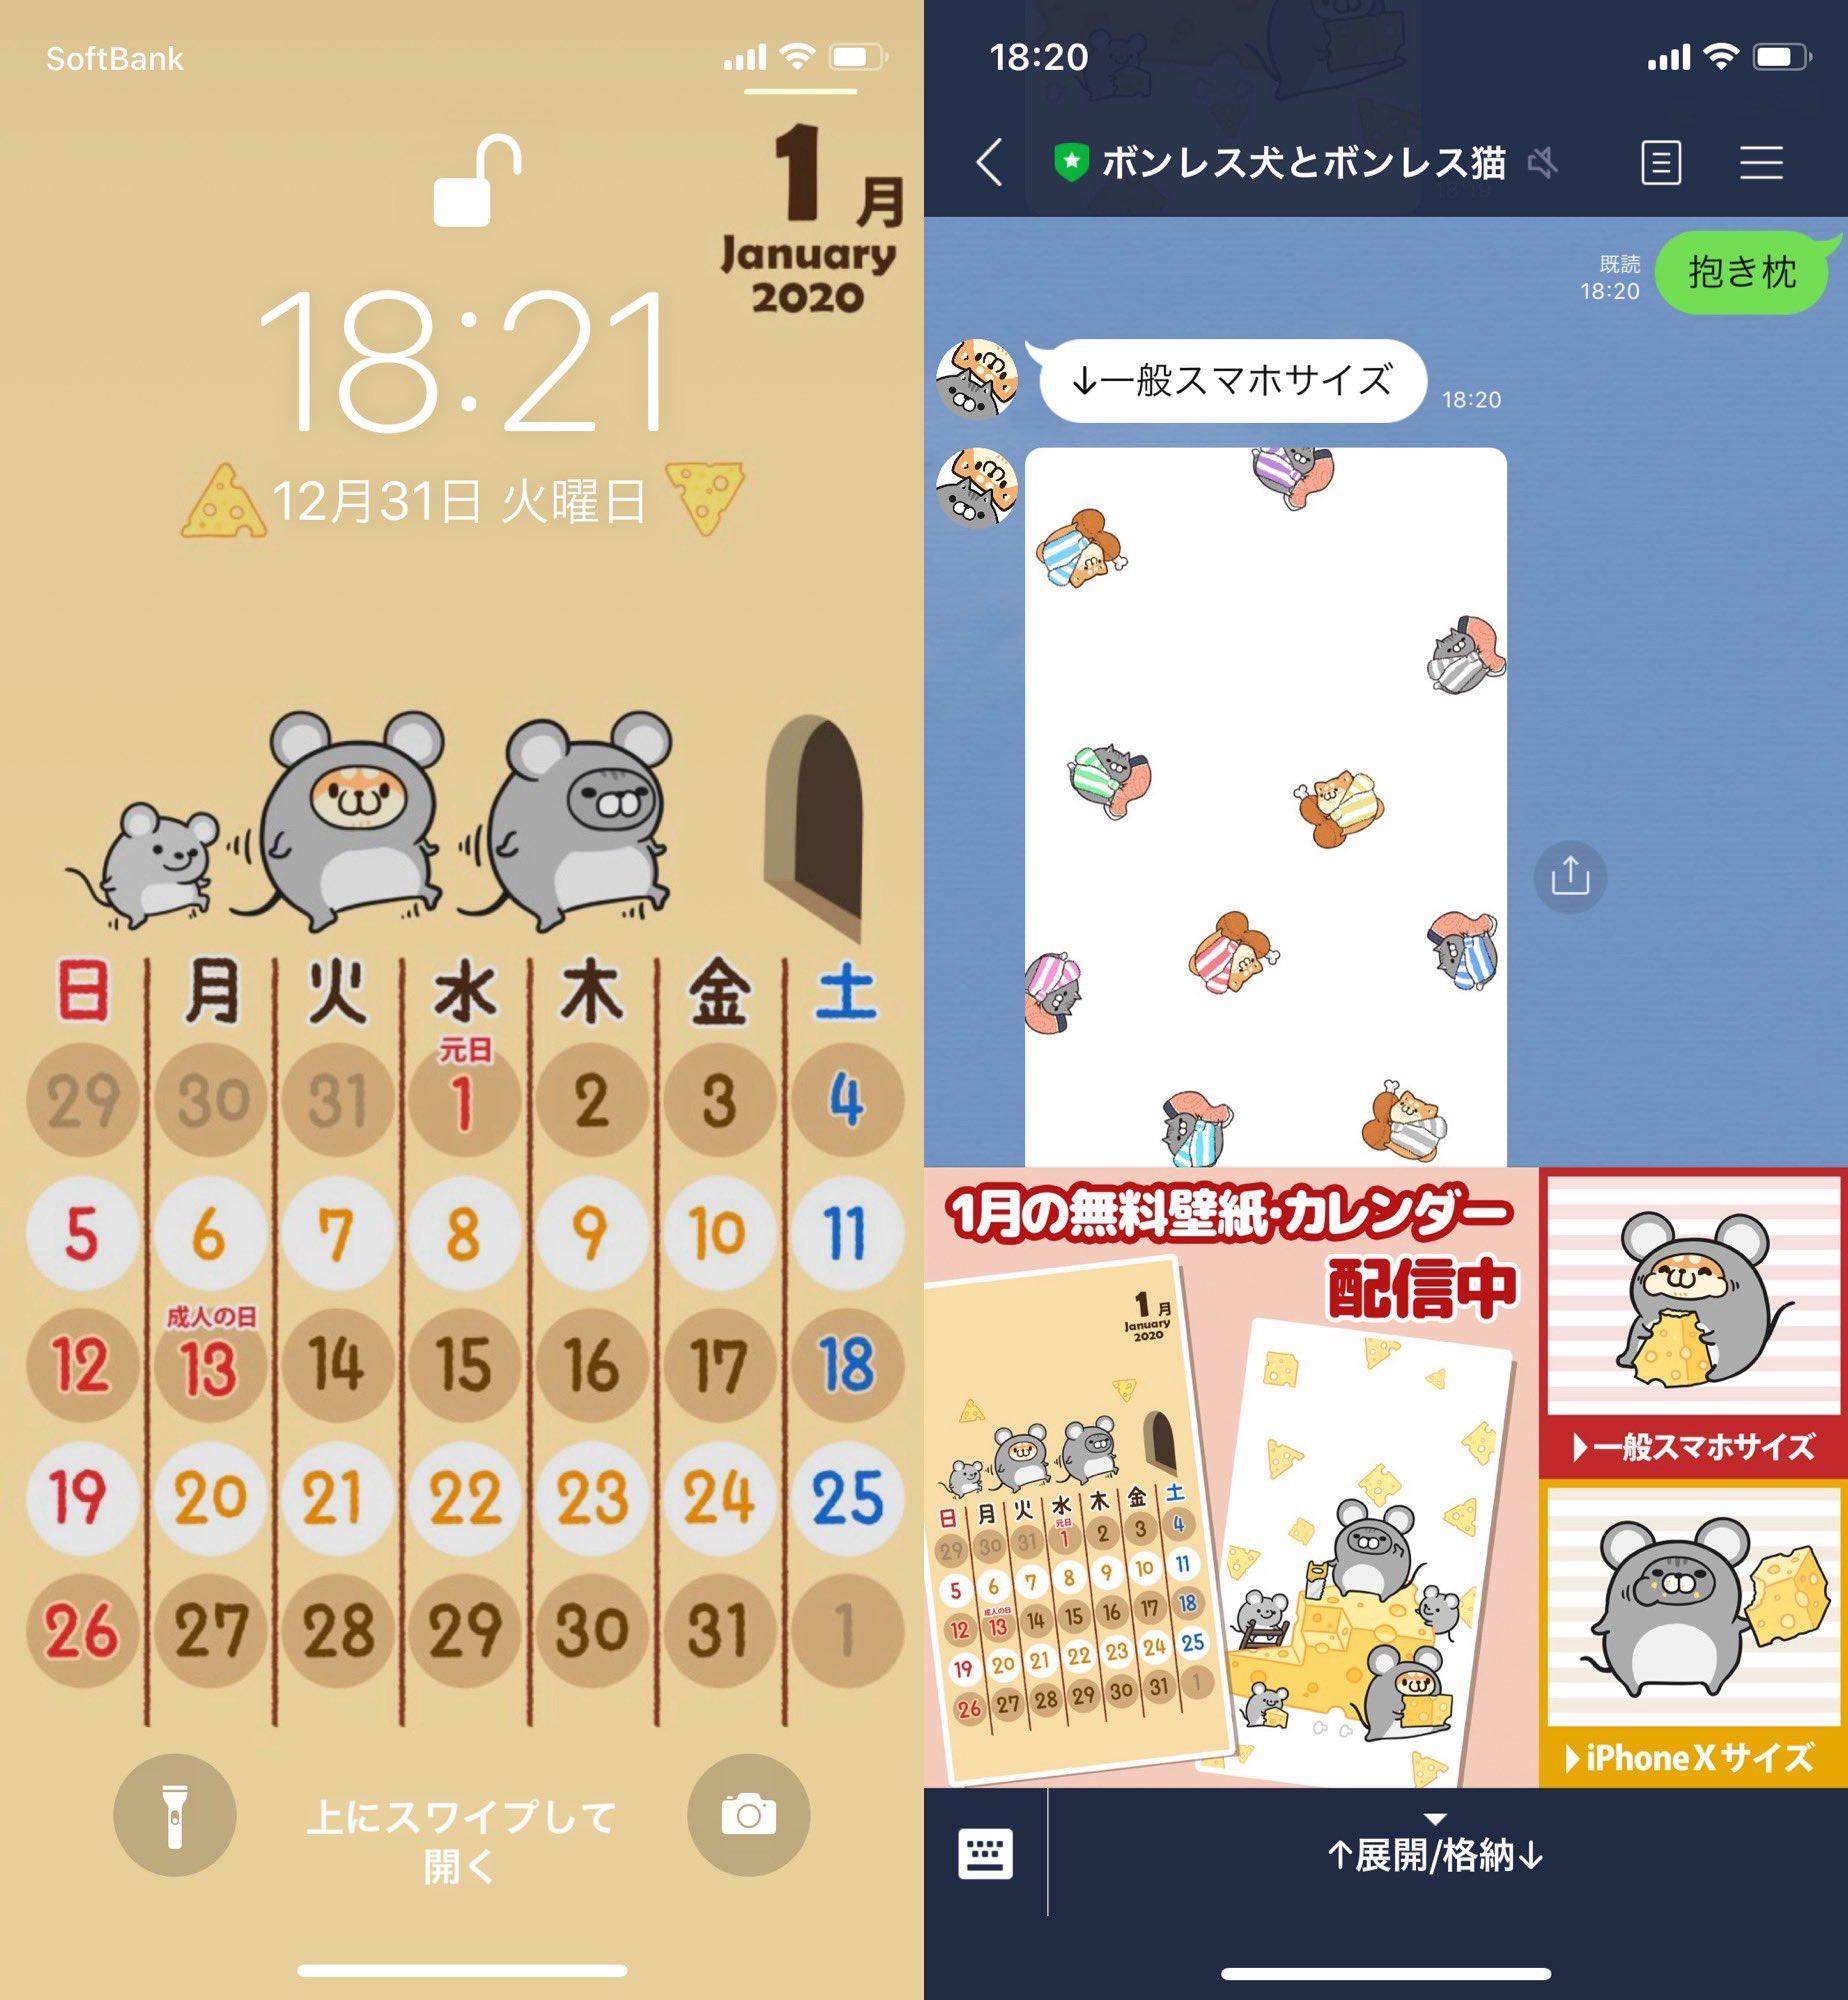 ボンレス犬猫🐶🐱のカレンダー壁紙をiPhone 11 Proにセット完了(`・ω・´)シャキーン https://t.co/T3oJcIgPSA